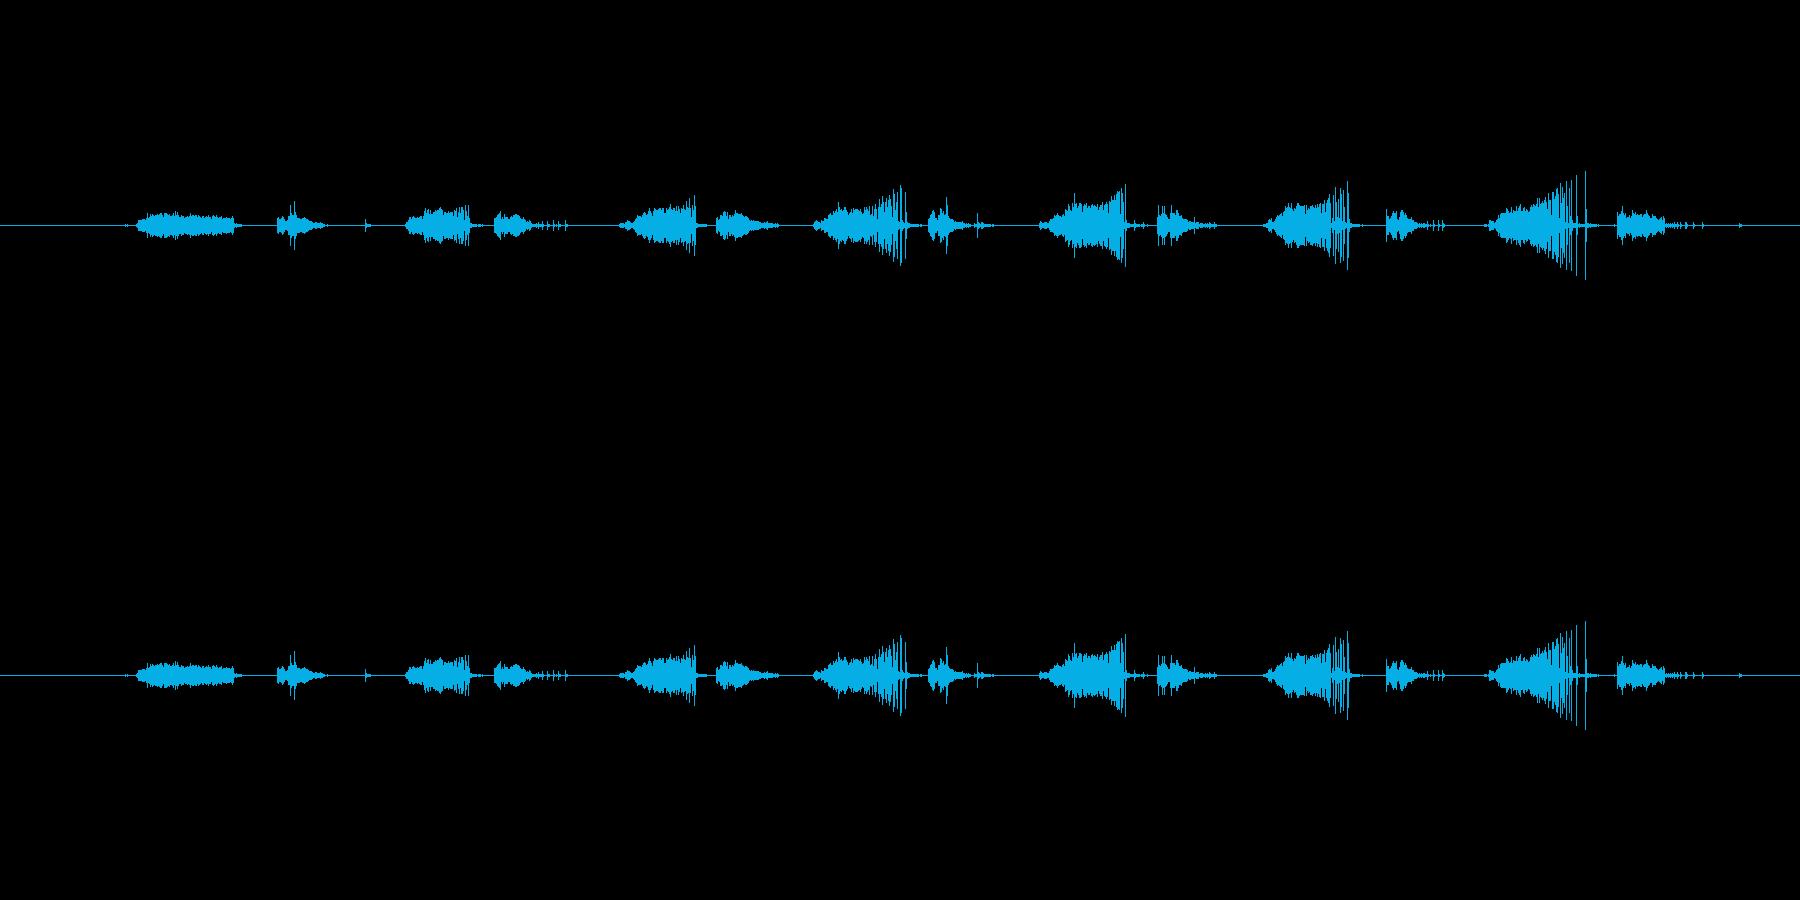 ハンドグリップを握って鍛えてる音の再生済みの波形